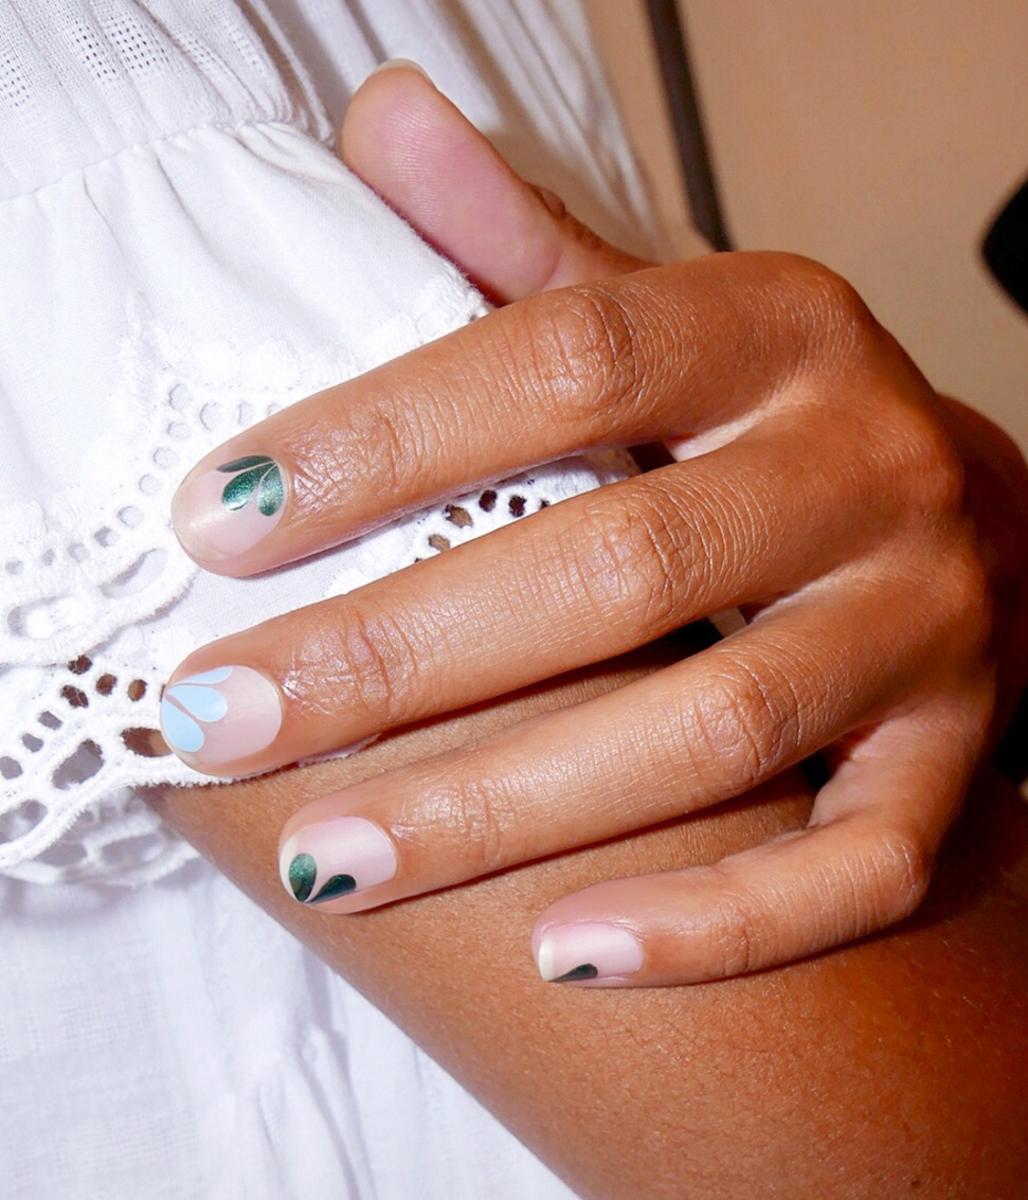 Creatures of Comfort - Petal nails